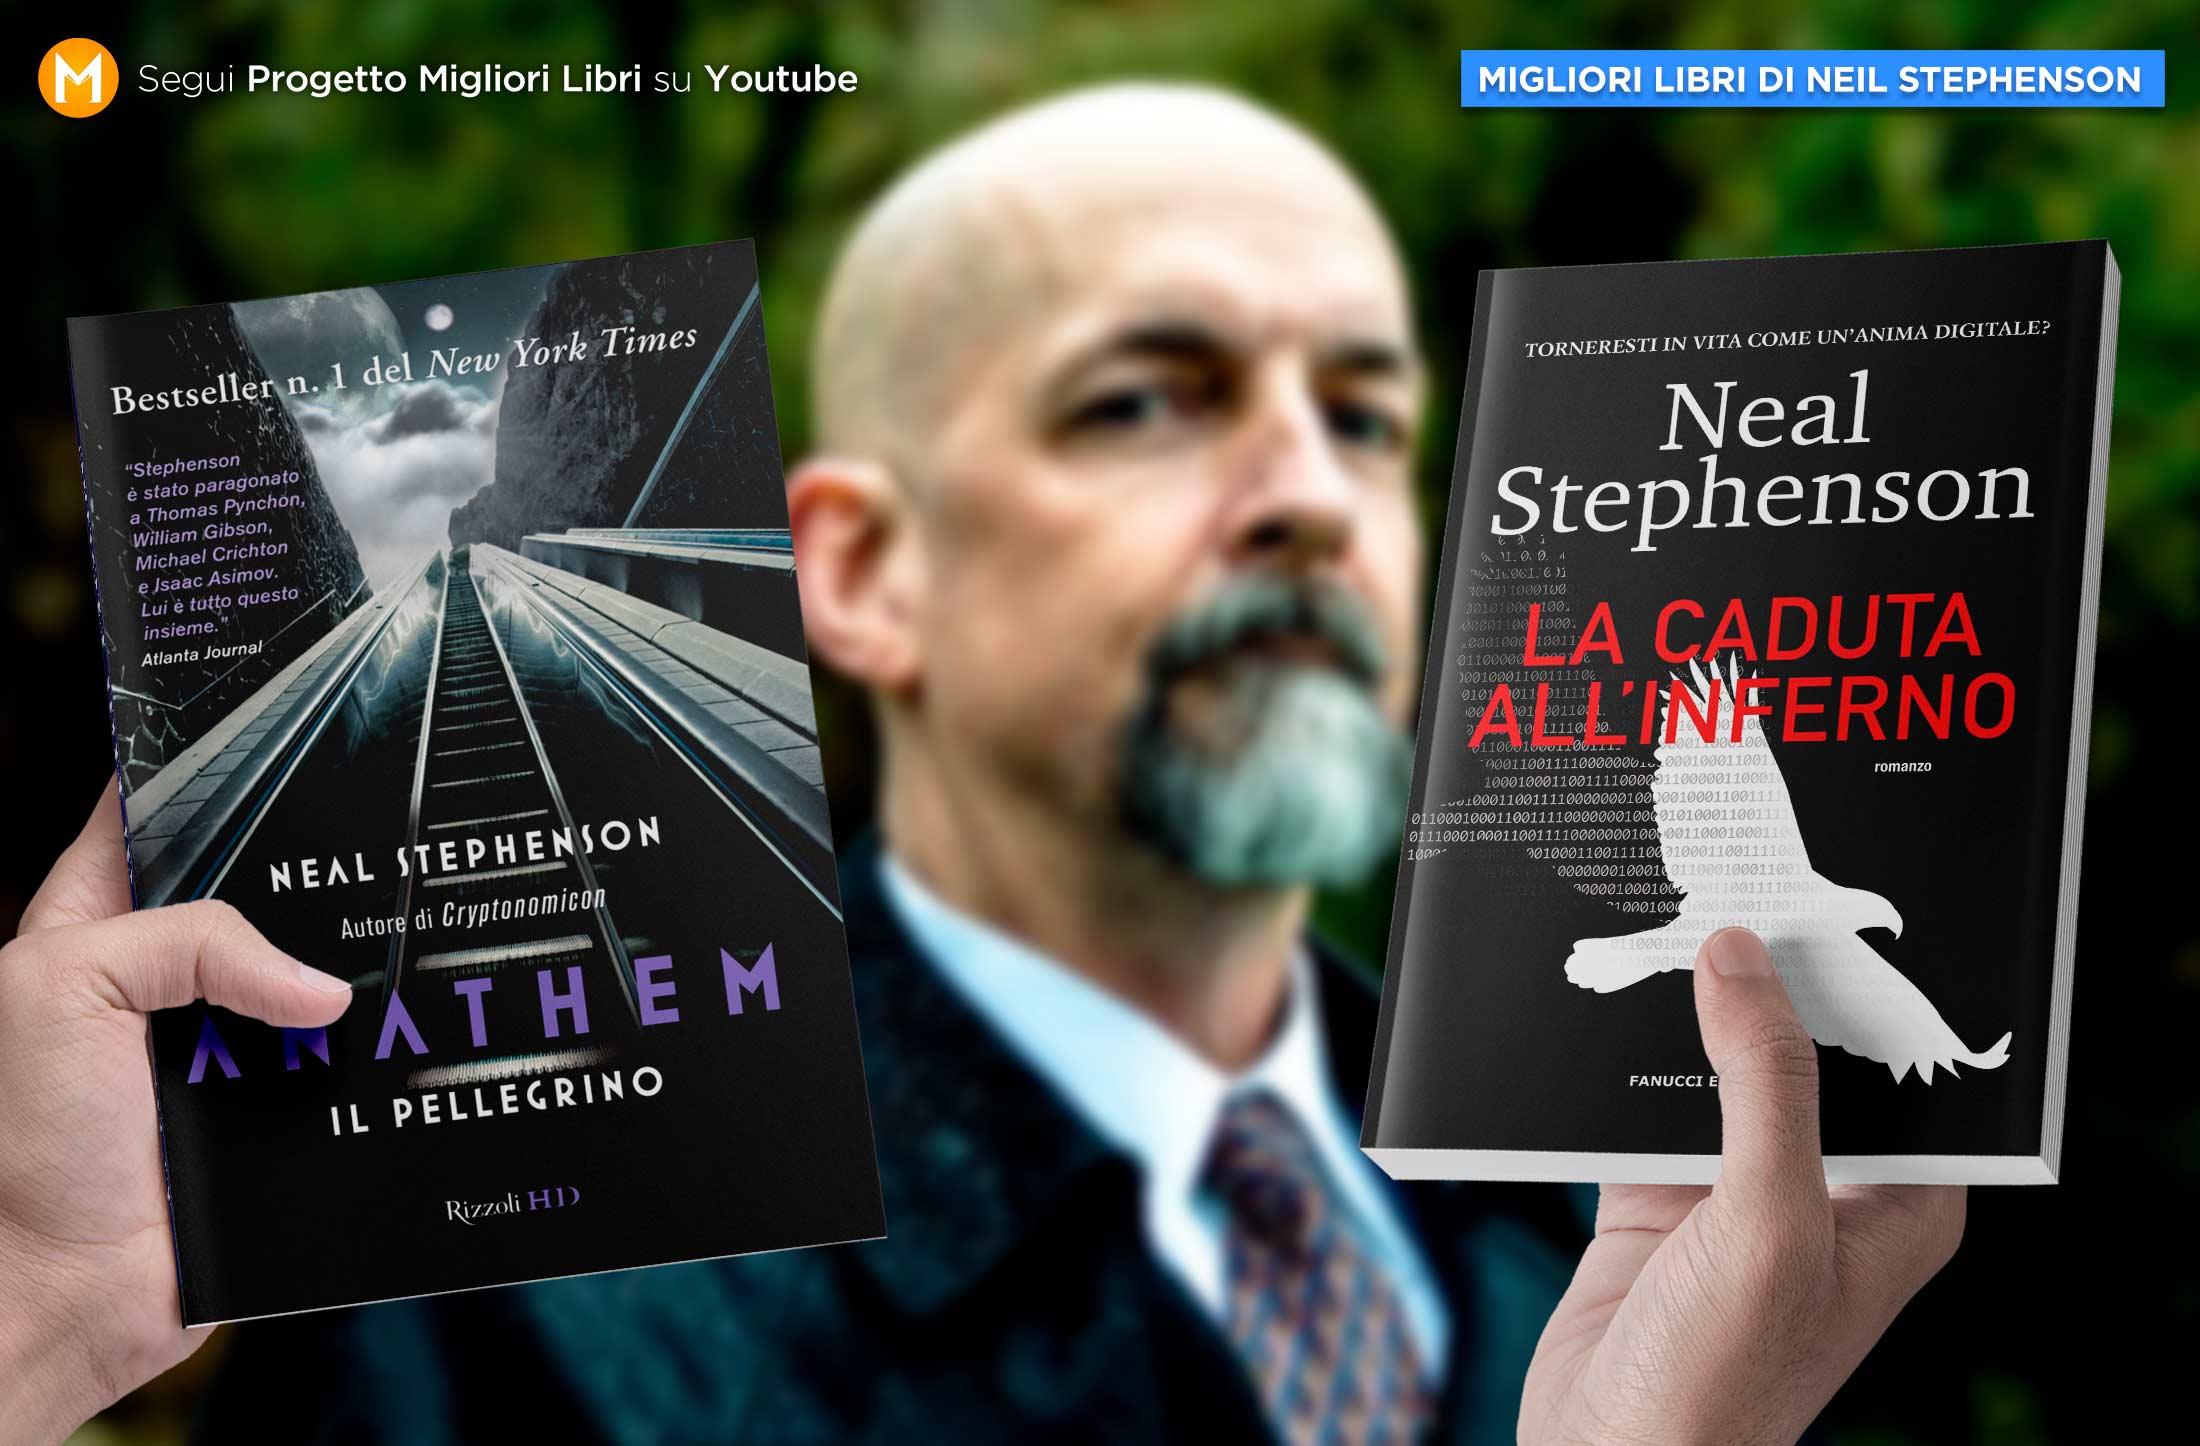 migliori-libri-neil-stephenson